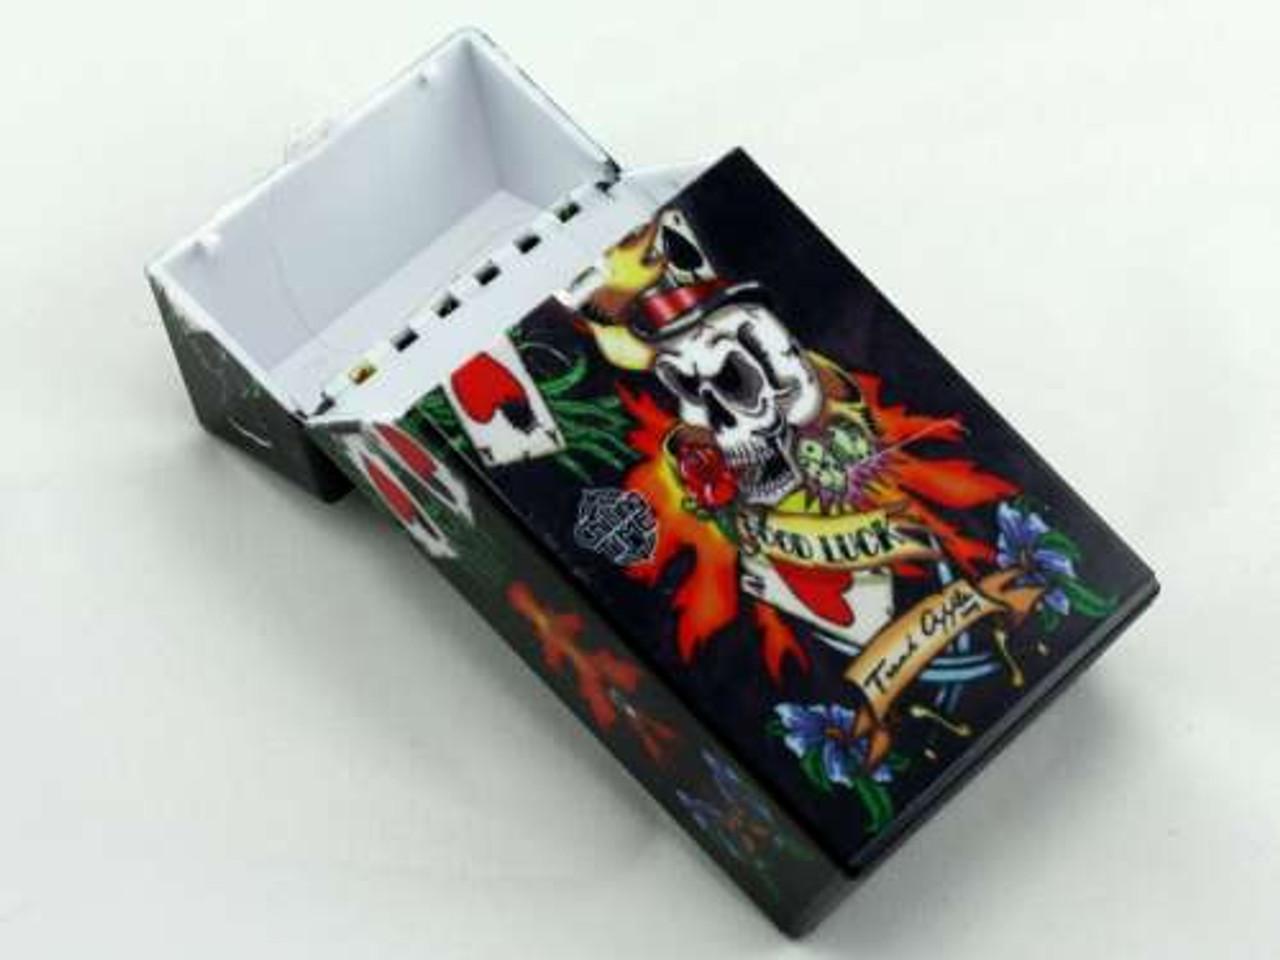 Lucky 100 Tattoo Cigarette Pack Holder